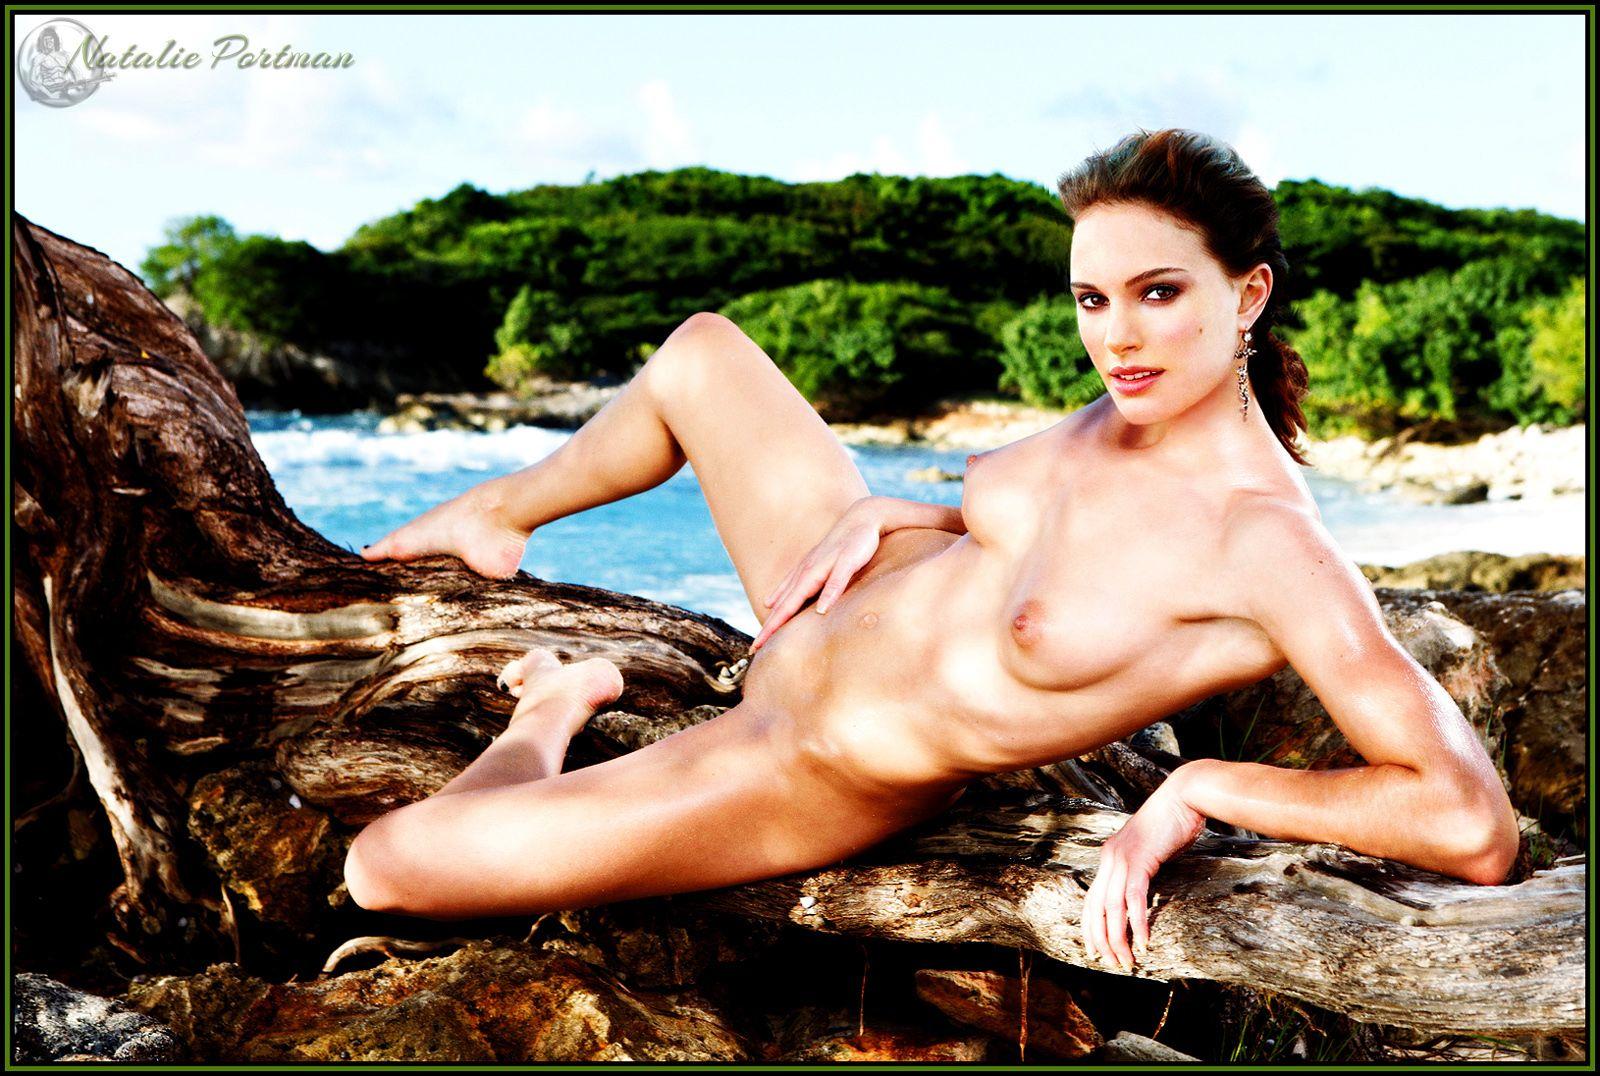 tumblr Natalie fake portman nude